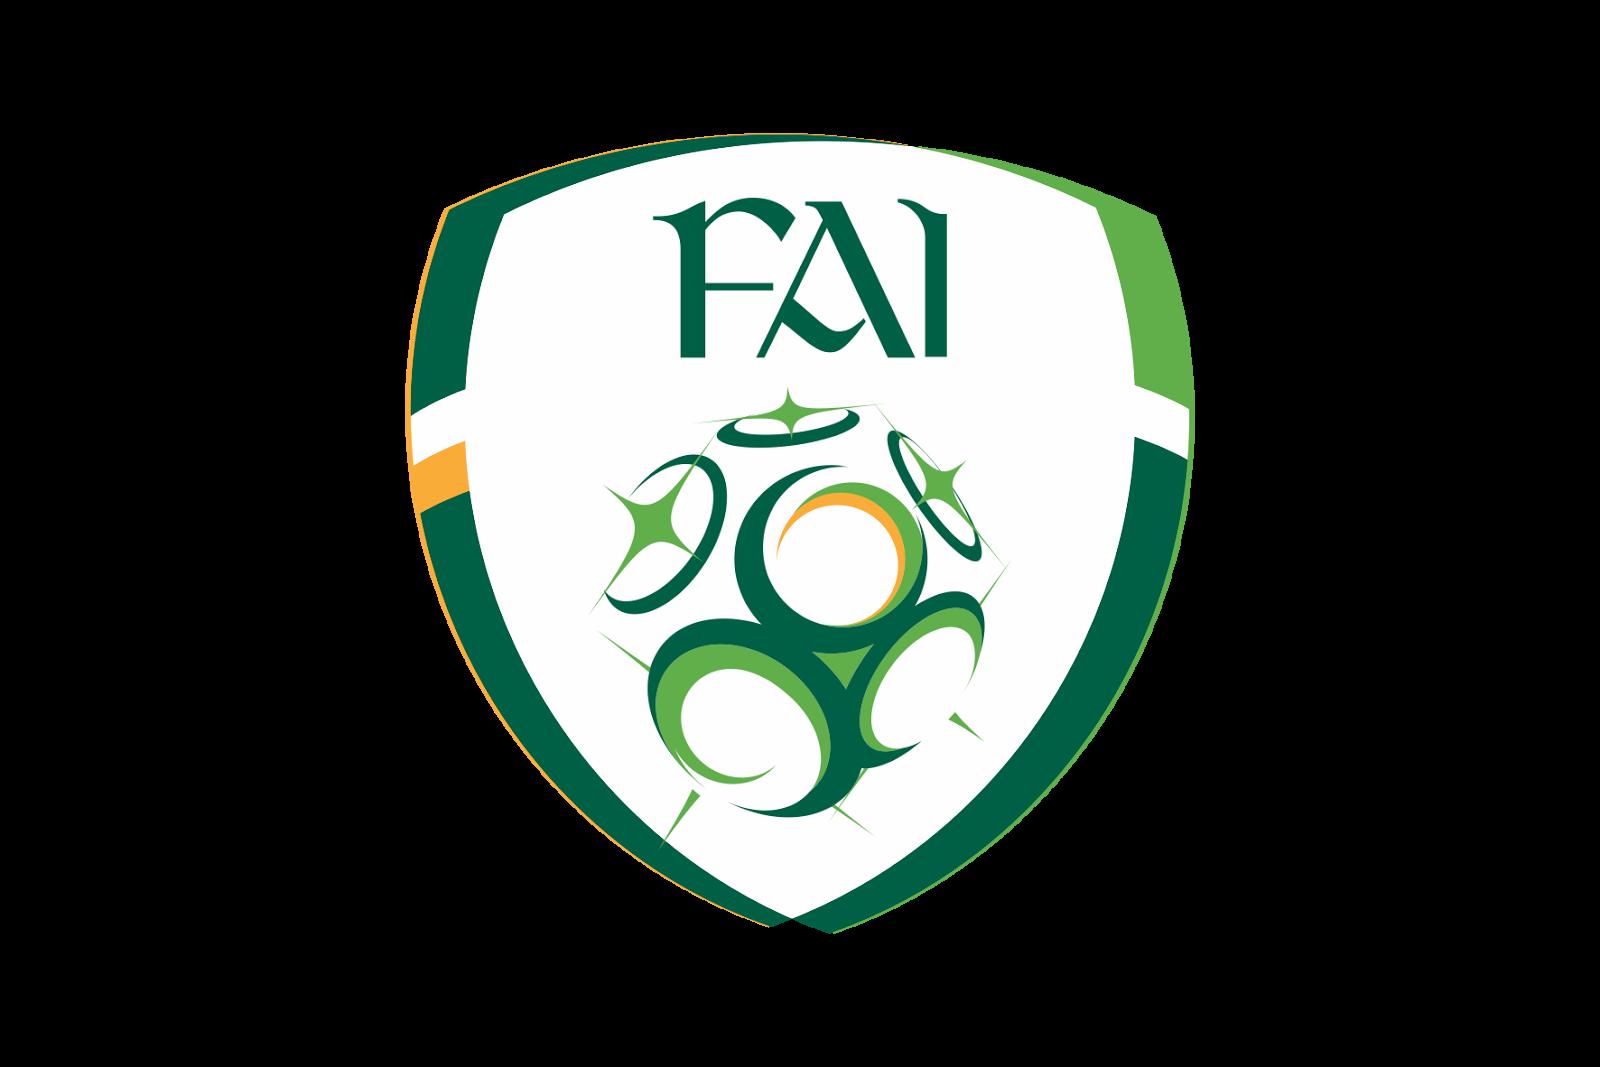 Football Association of Ireland Logo